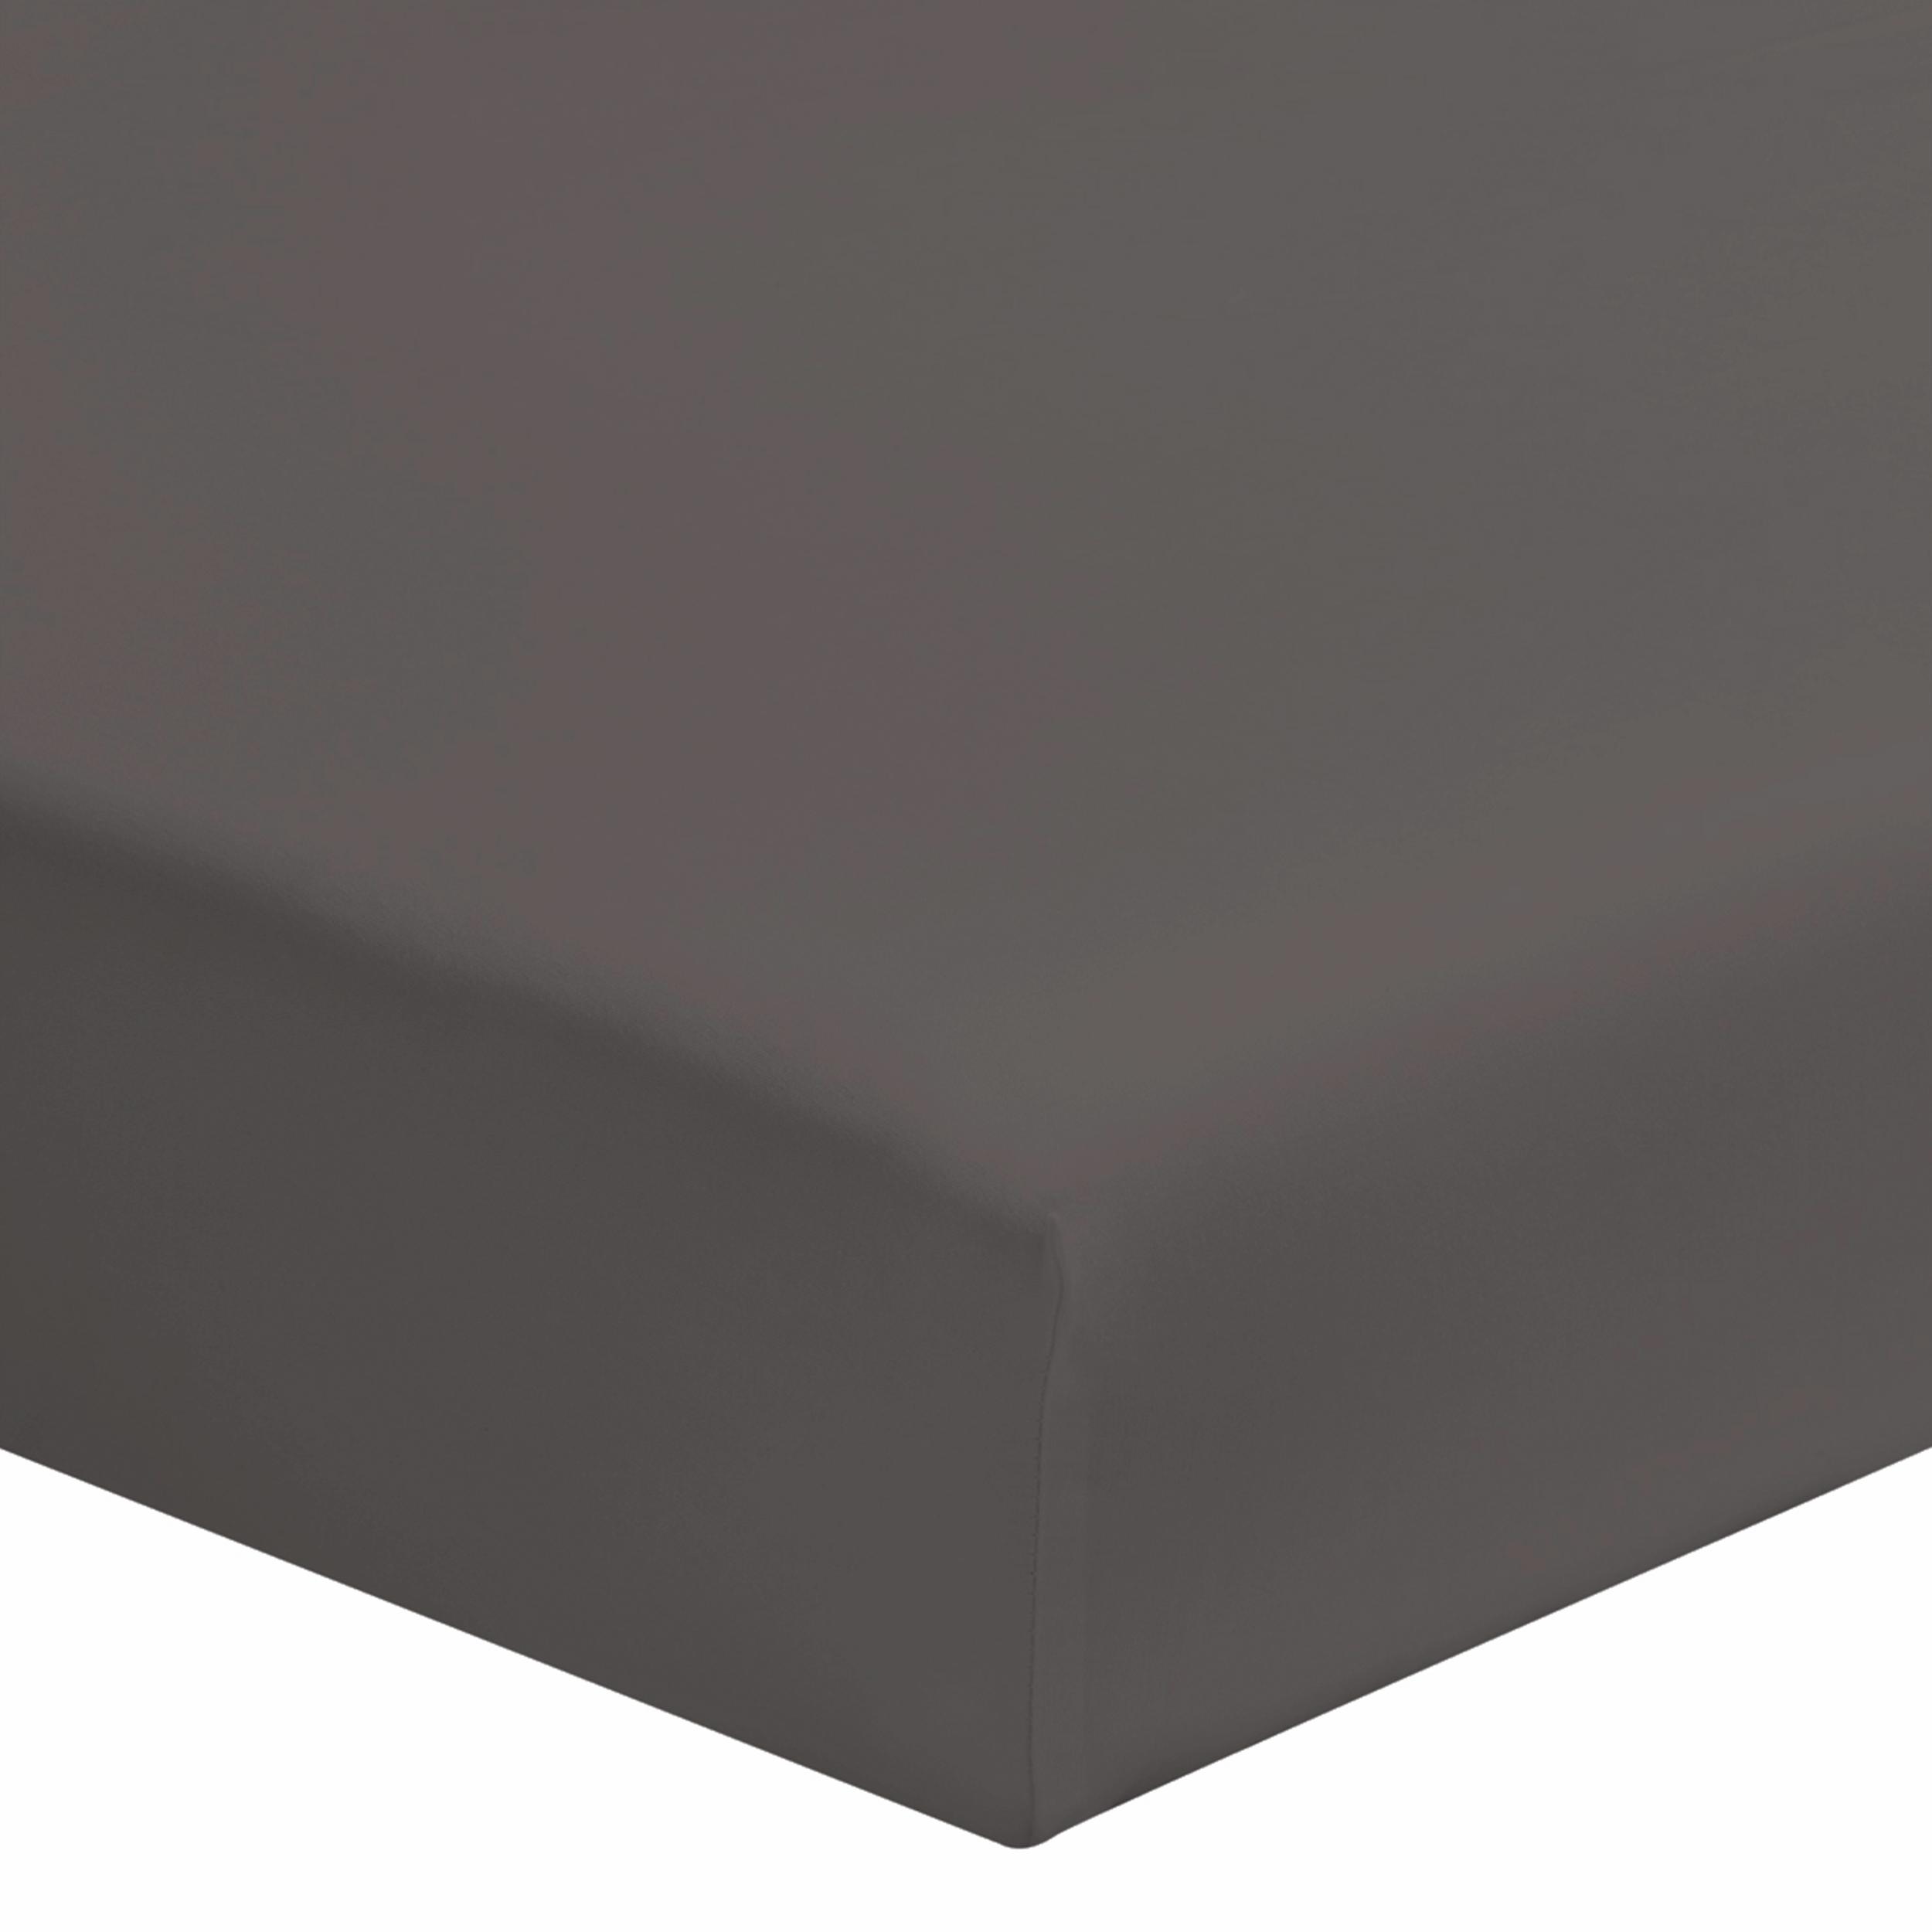 Drap housse uni en coton gris 160x200